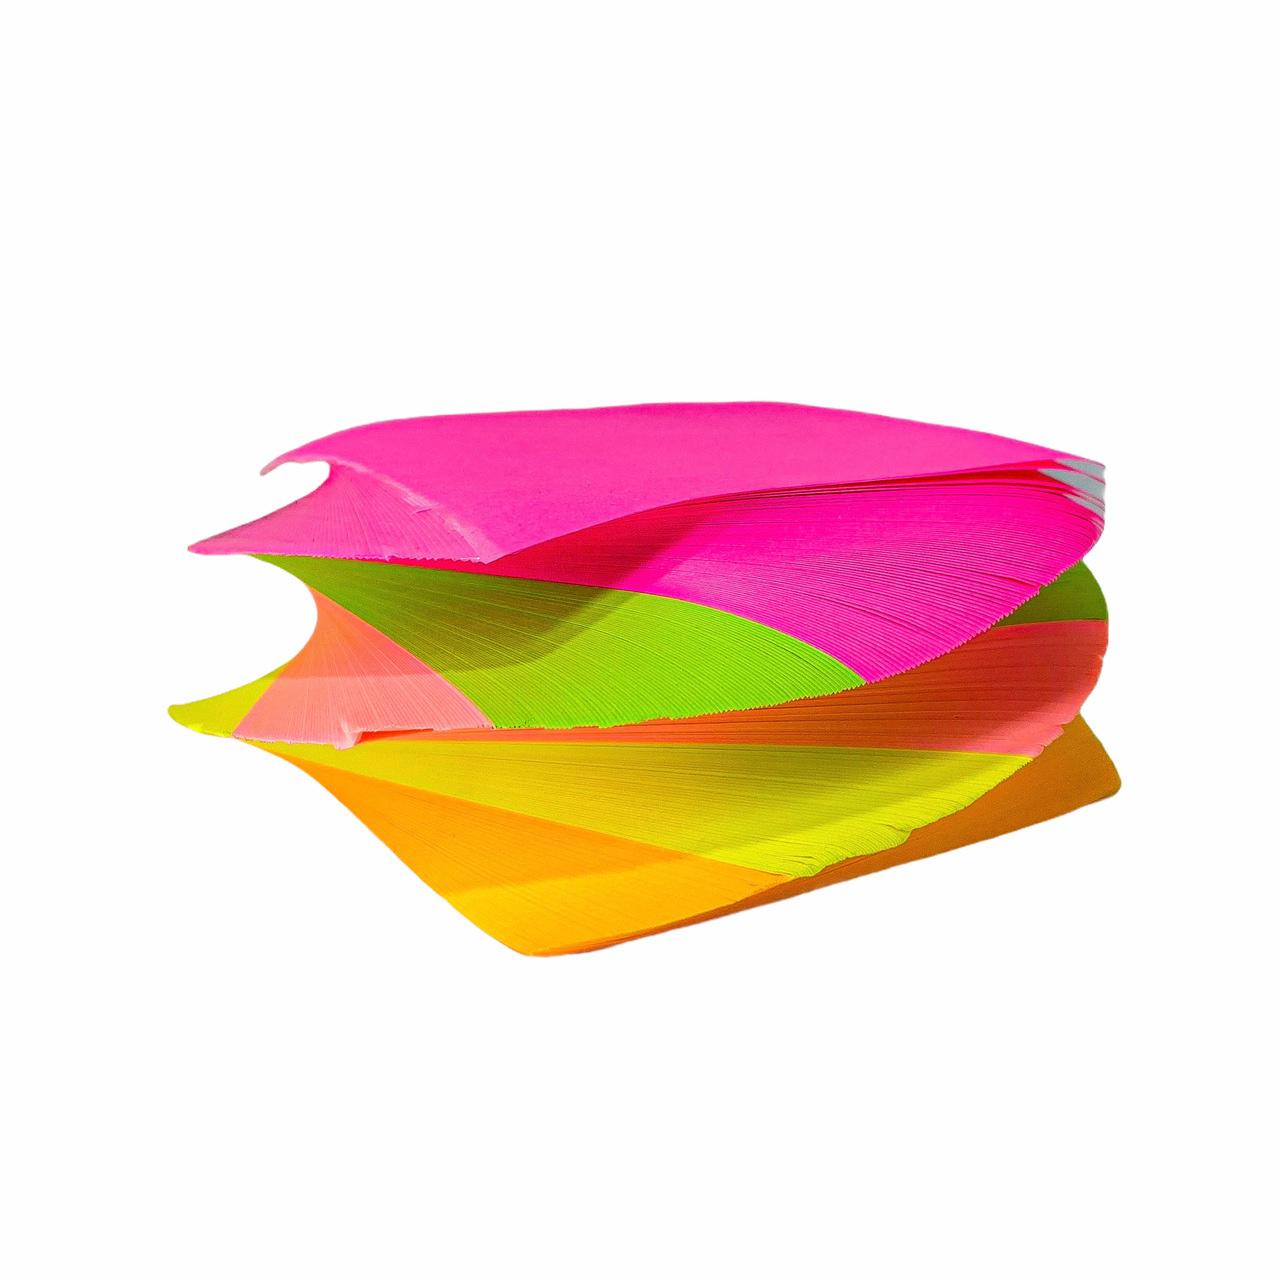 Bloco de Notas Adesivo Post-It Colorido 400 Folhas Espiral Moure Jar